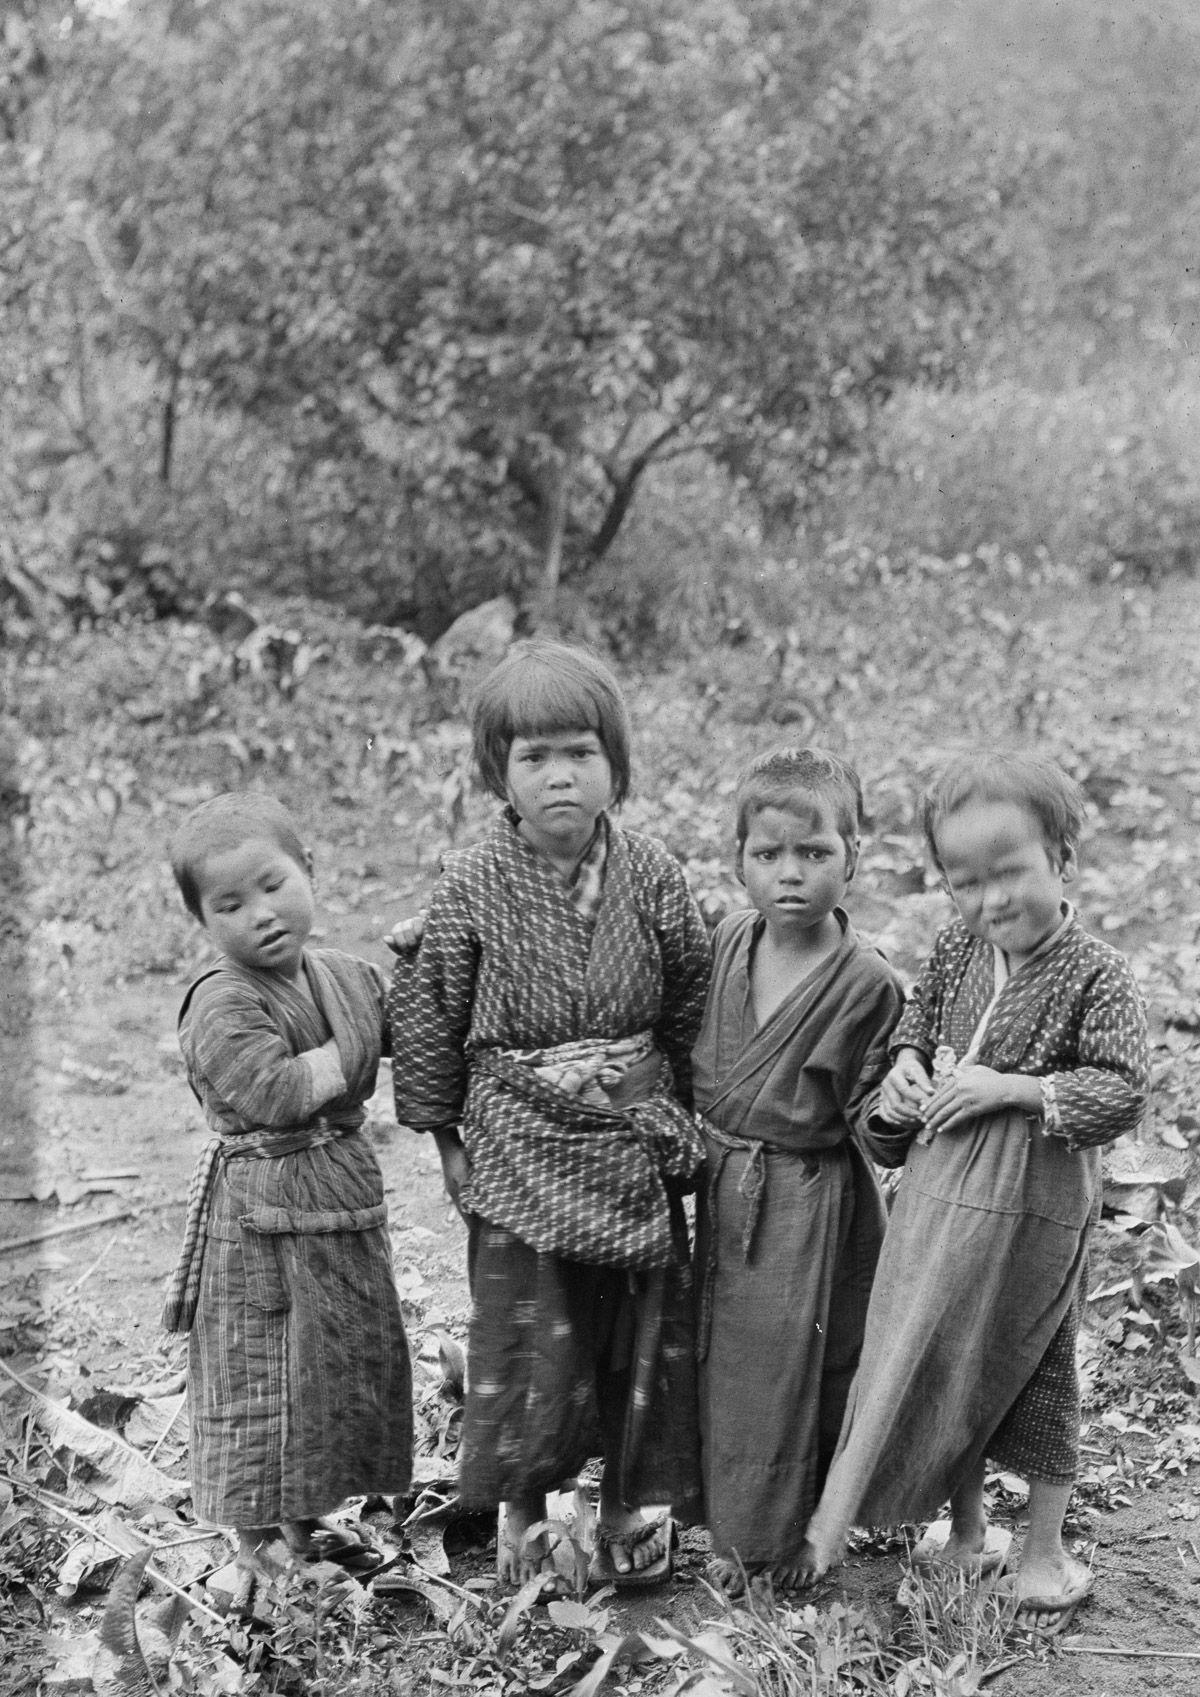 Yaponiya istoricheskie foto Arnold Dzhente 36